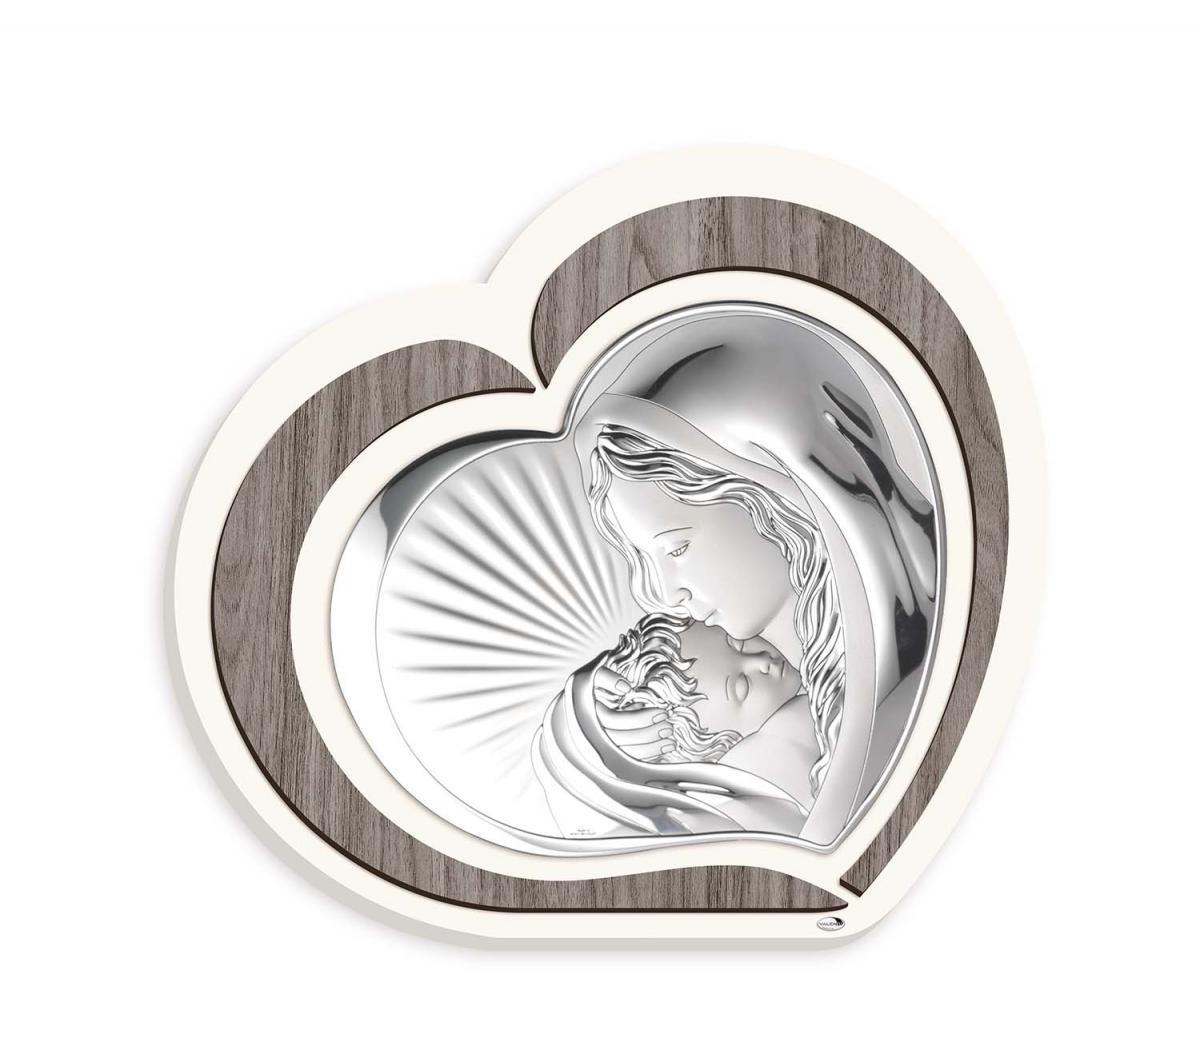 Ікона срібна Богородиця з дитям 47х52см L221 7